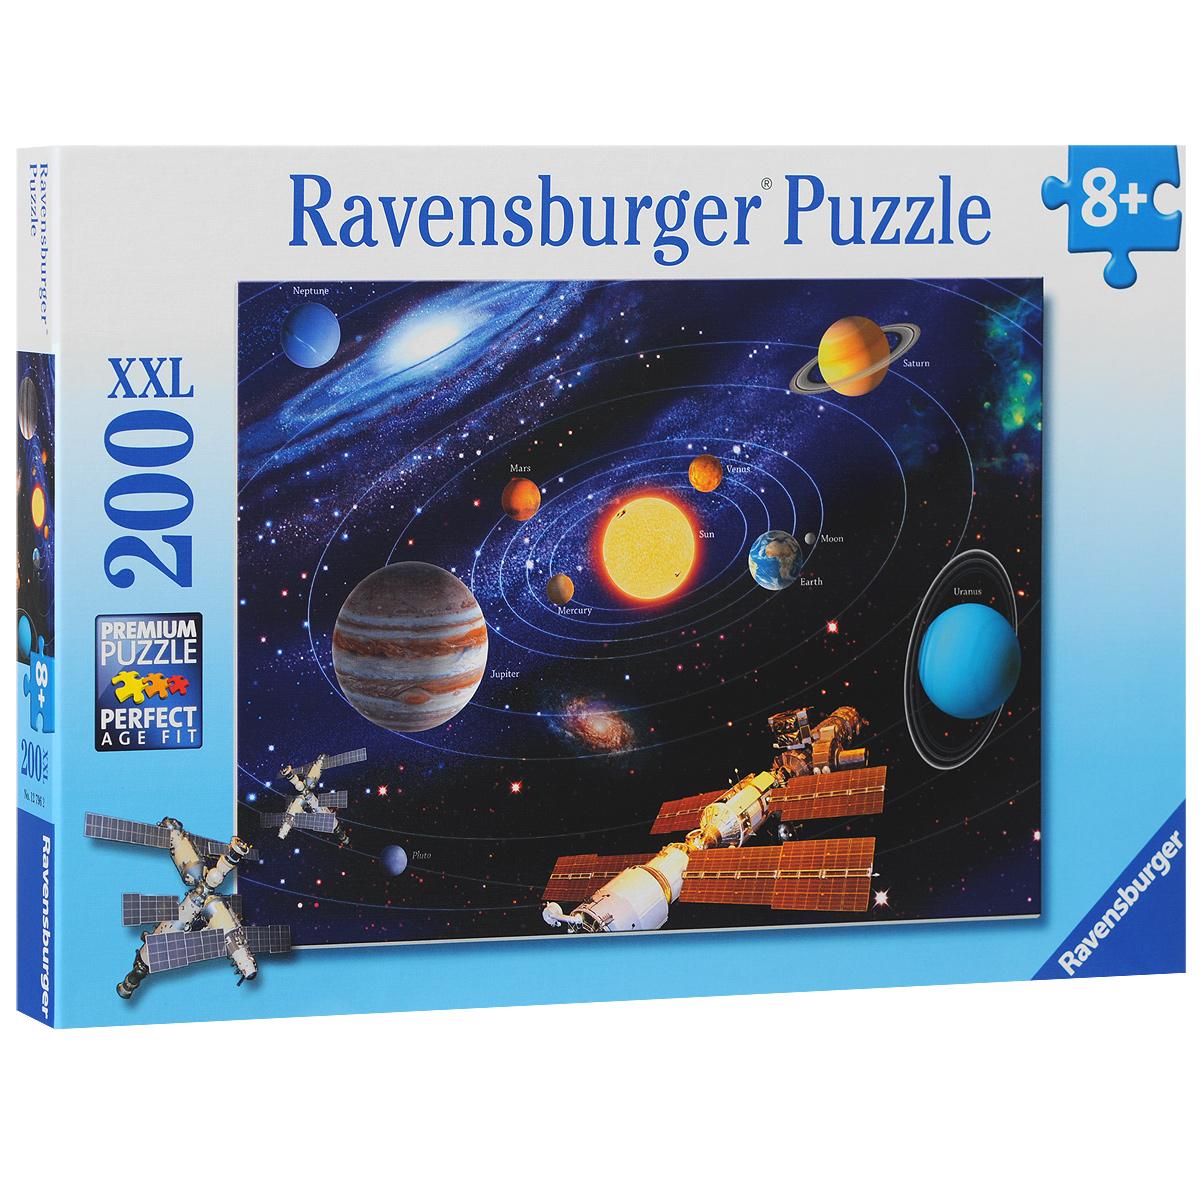 Ravensburger Солнечная система. Пазл, 200 элементов127962Пазл Ravensburger Солнечная система, без сомнения, придется по душе вам и вашему ребенку. Собрав этот пазл, включающий в себя 200 элементов, вы получите великолепную картину с изображением солнца и планет вращающихся вокруг него. Каждая деталь имеет свою форму и подходит только на своё место. Нет двух одинаковых деталей! Пазл изготовлен из картона высочайшего качества. Все изображения аккуратно отсканированы и напечатаны на ламинированной бумаге. Пазл - великолепная игра для семейного досуга. Сегодня собирание пазлов стало особенно популярным, главным образом, благодаря своей многообразной тематике, способной удовлетворить самый взыскательный вкус. А для детей это не только интересно, но и полезно. Собирание пазла развивает мелкую моторику у ребенка, тренирует наблюдательность, логическое мышление, знакомит с окружающим миром, с цветом и разнообразными формами.